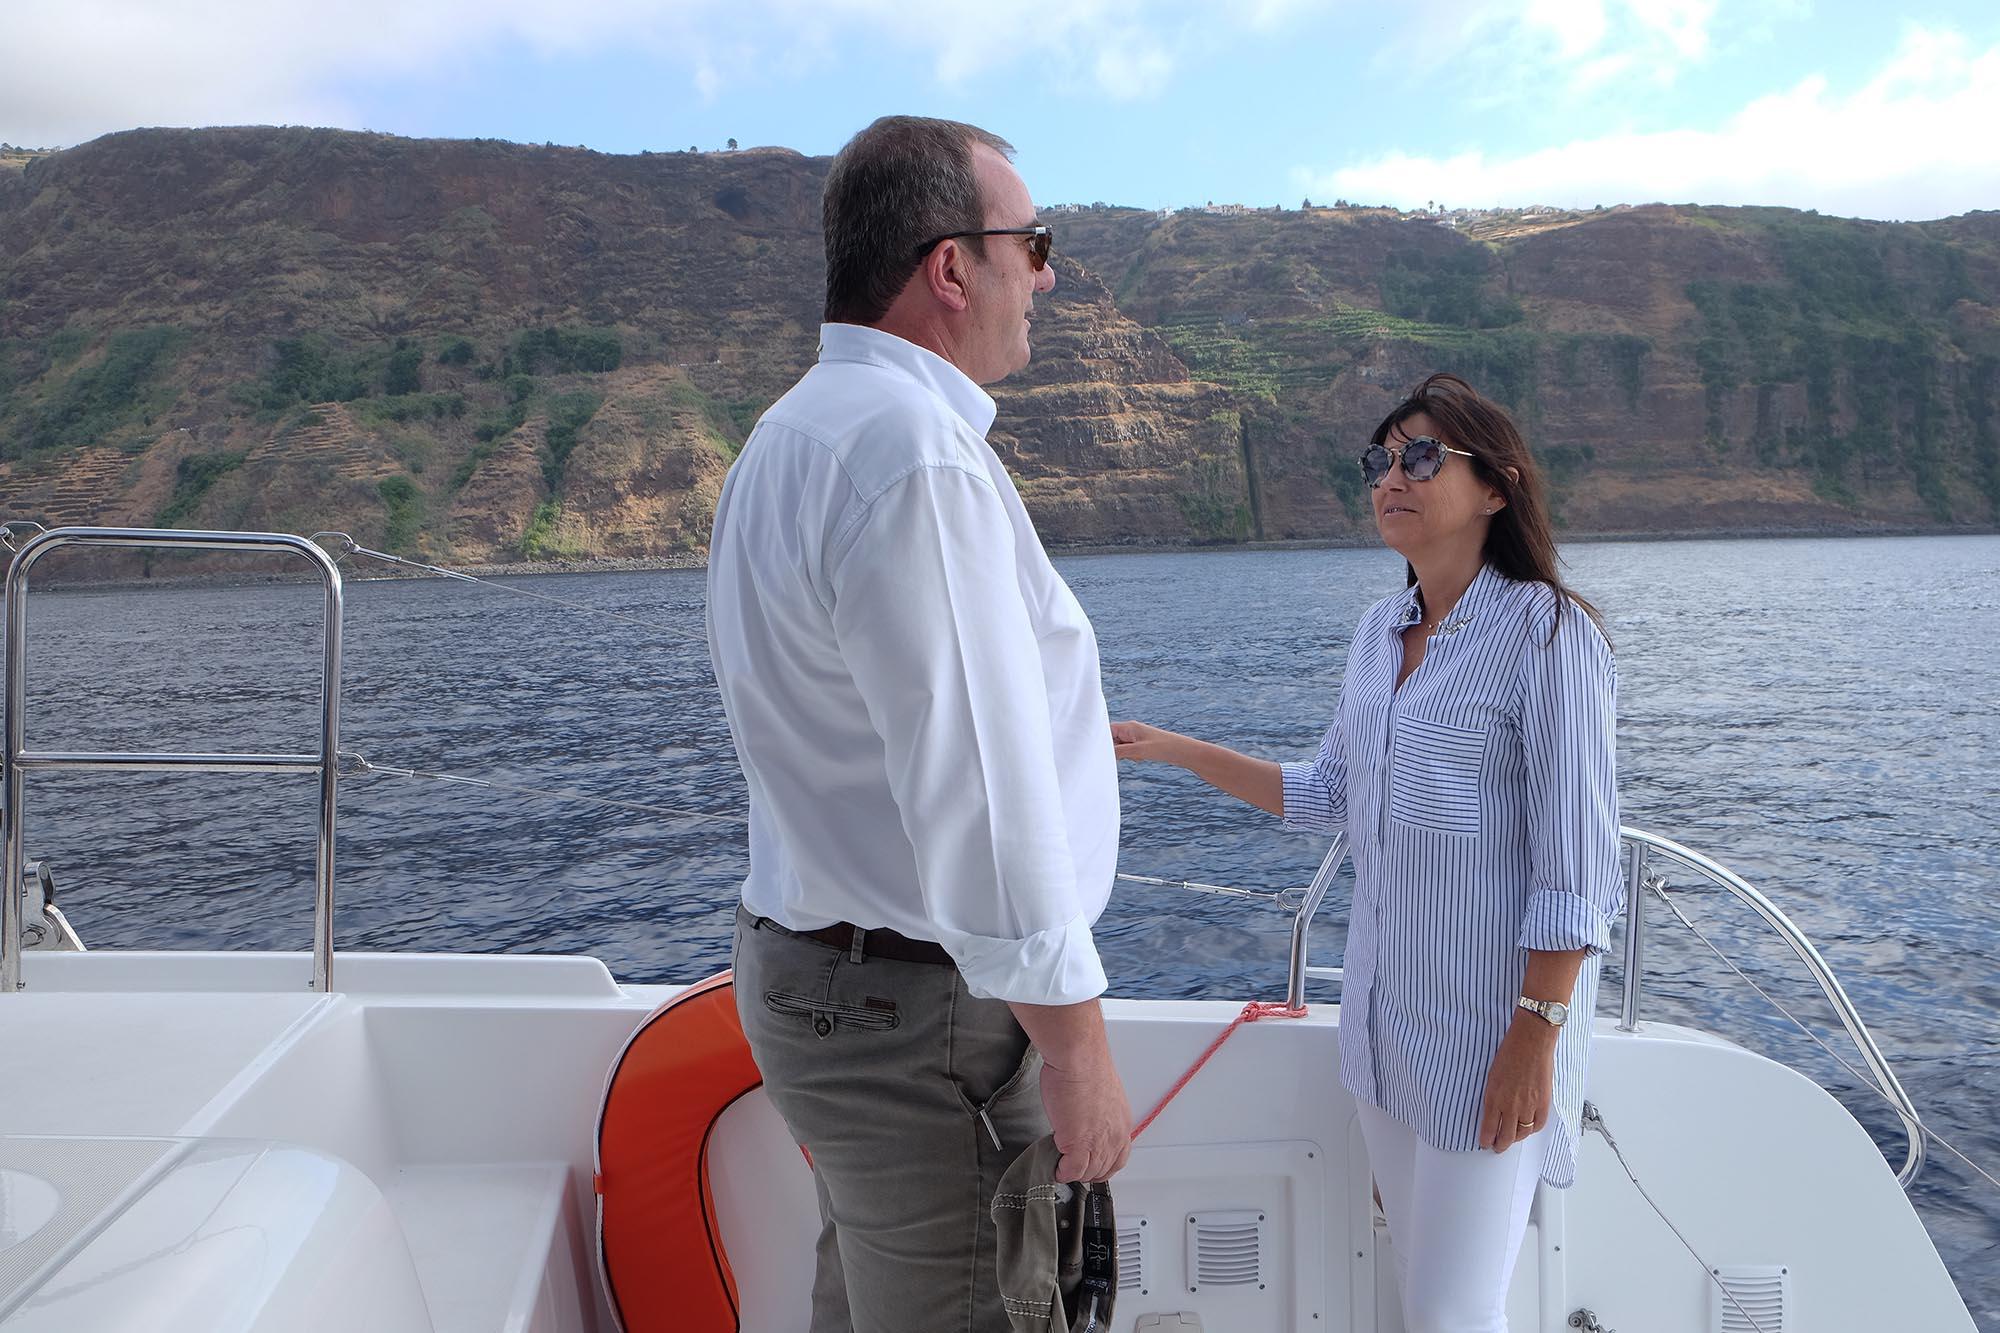 Área Protegida da Ponta do Pargo permite a fruição do espaço compatibilizada com a conservação da natureza